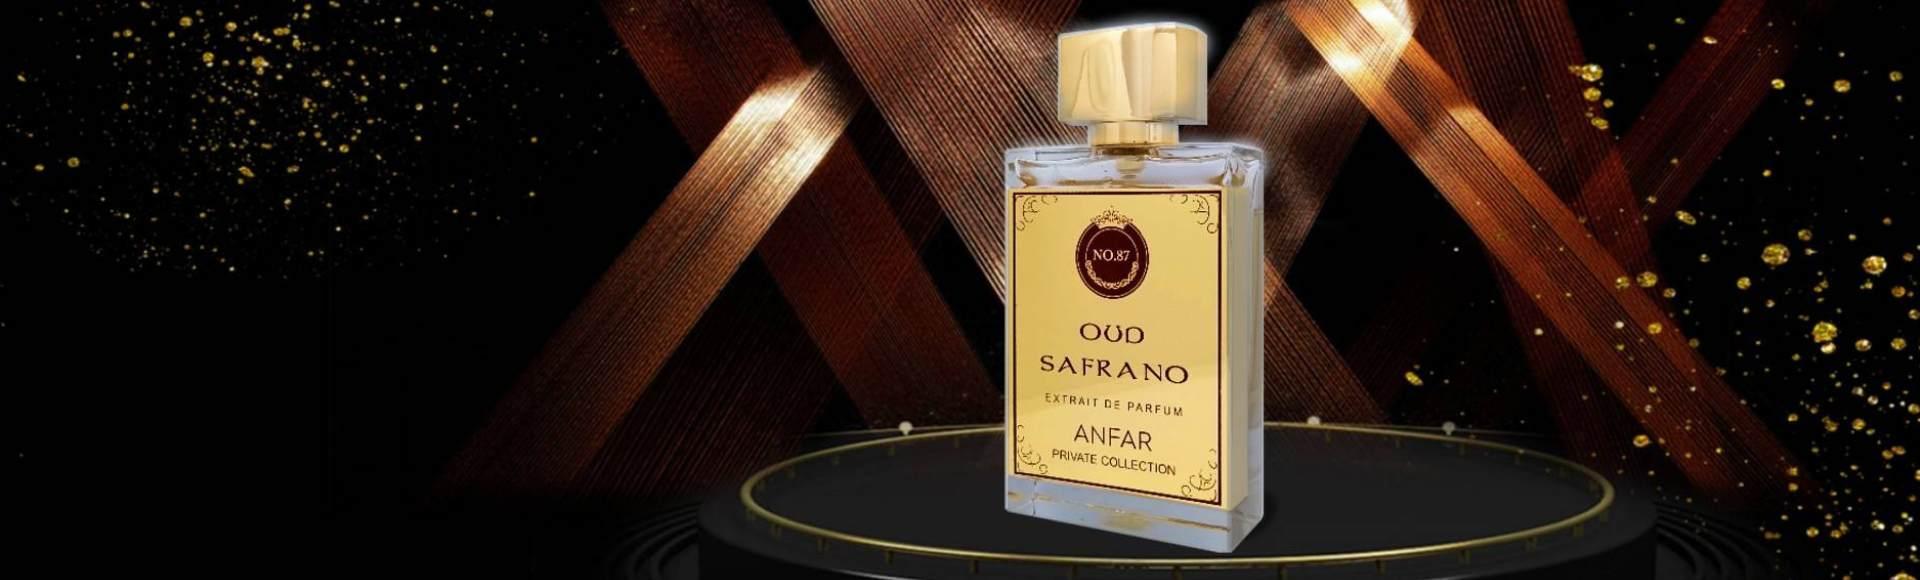 oud perfume oudh shop